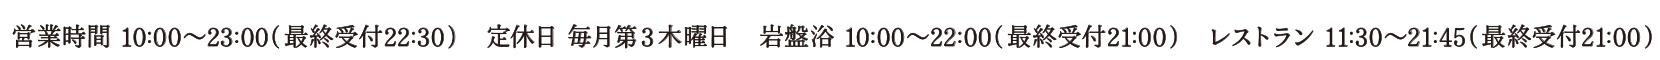 営業時間 10:00~23:00(最終受付22:30) / 定休日 毎月第三木曜日 岩盤浴 10:00~22:00(最終受付21:00) / レストラン 11:00~22:00(最終受付21:00)